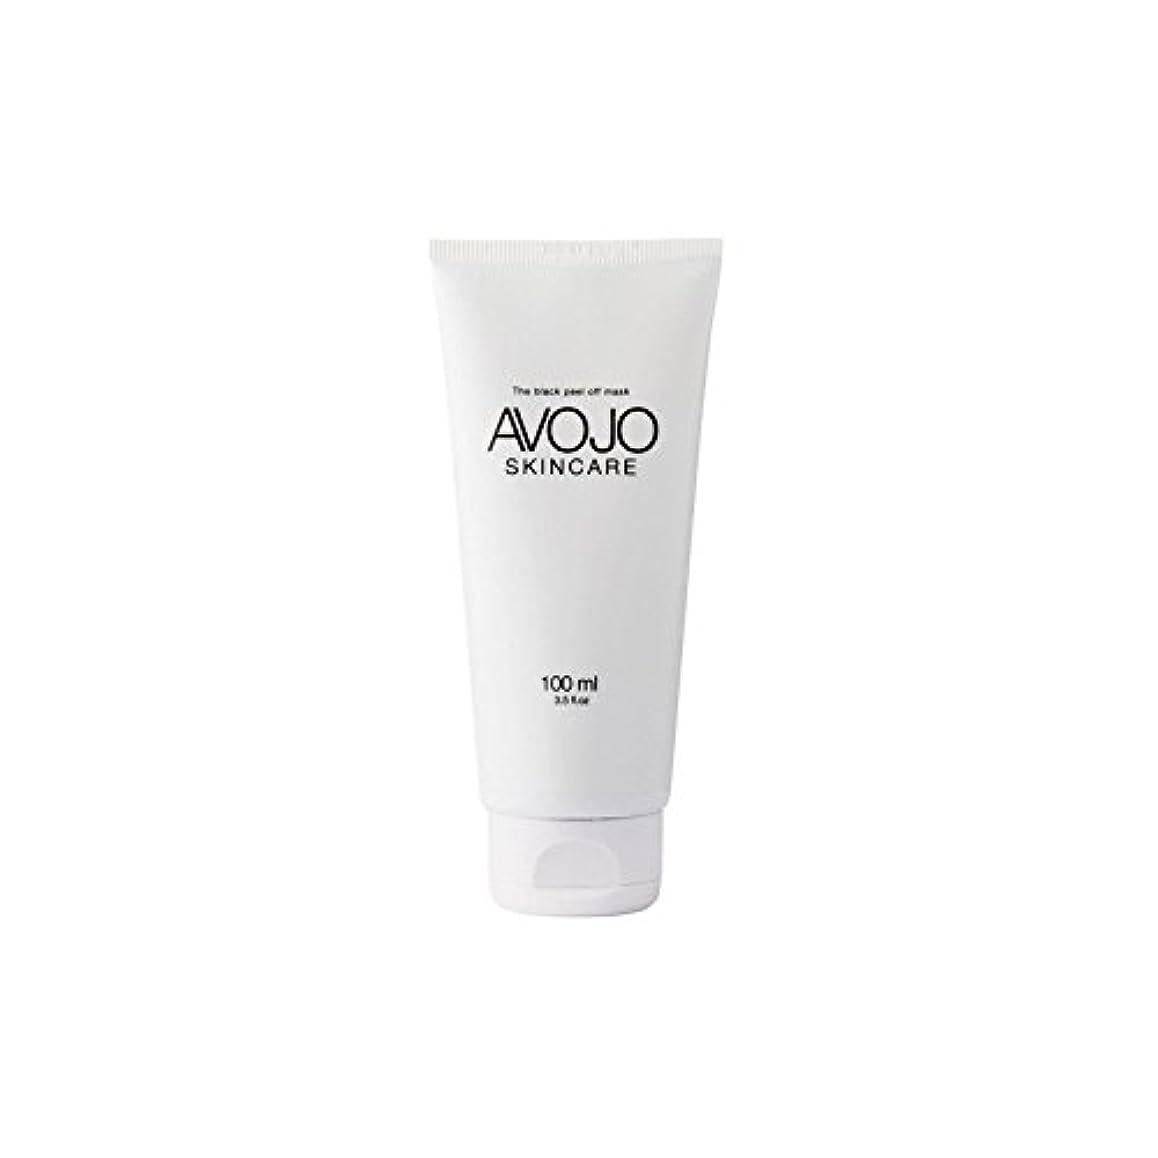 あなたが良くなります発生ツイン- 黒皮オフマスク - (ボトル100ミリリットル) x4 - Avojo - The Black Peel Off Mask - (Bottle 100ml) (Pack of 4) [並行輸入品]